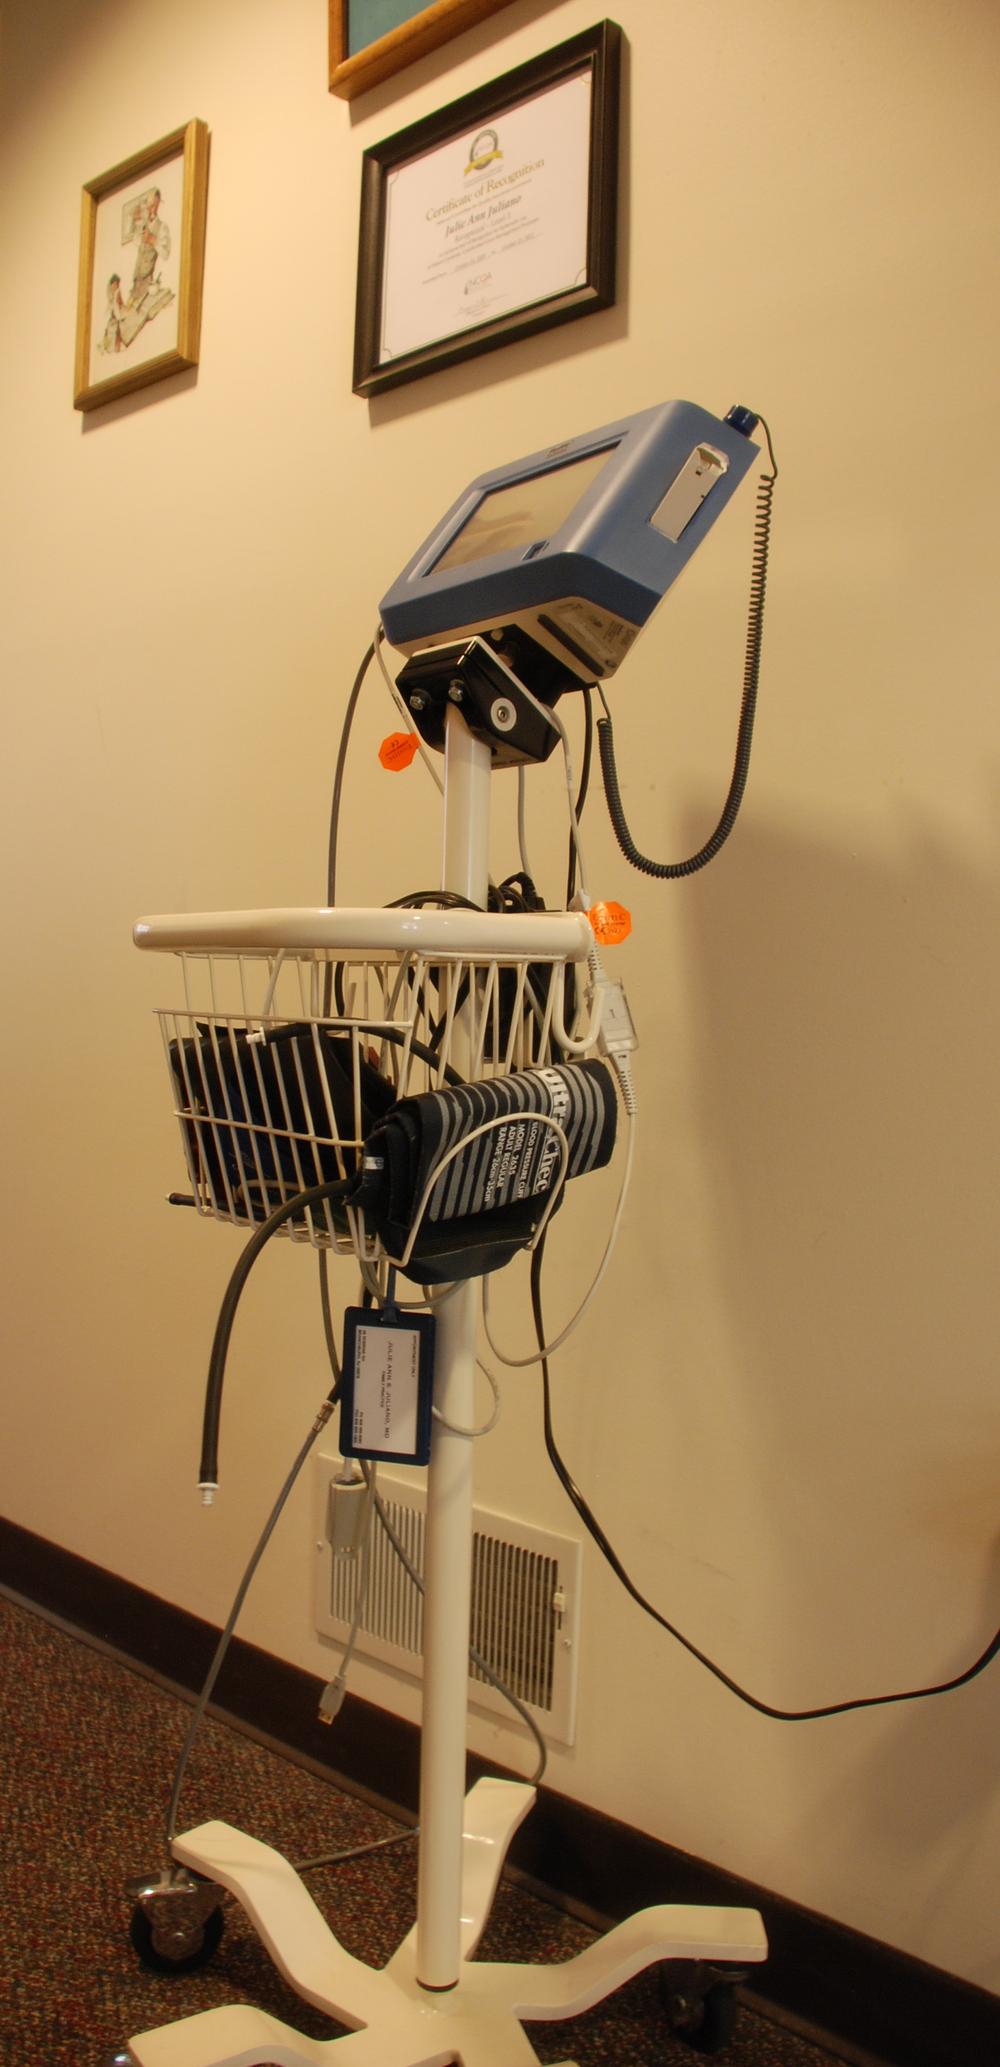 Blood Pressure Machine to Calculate BMI